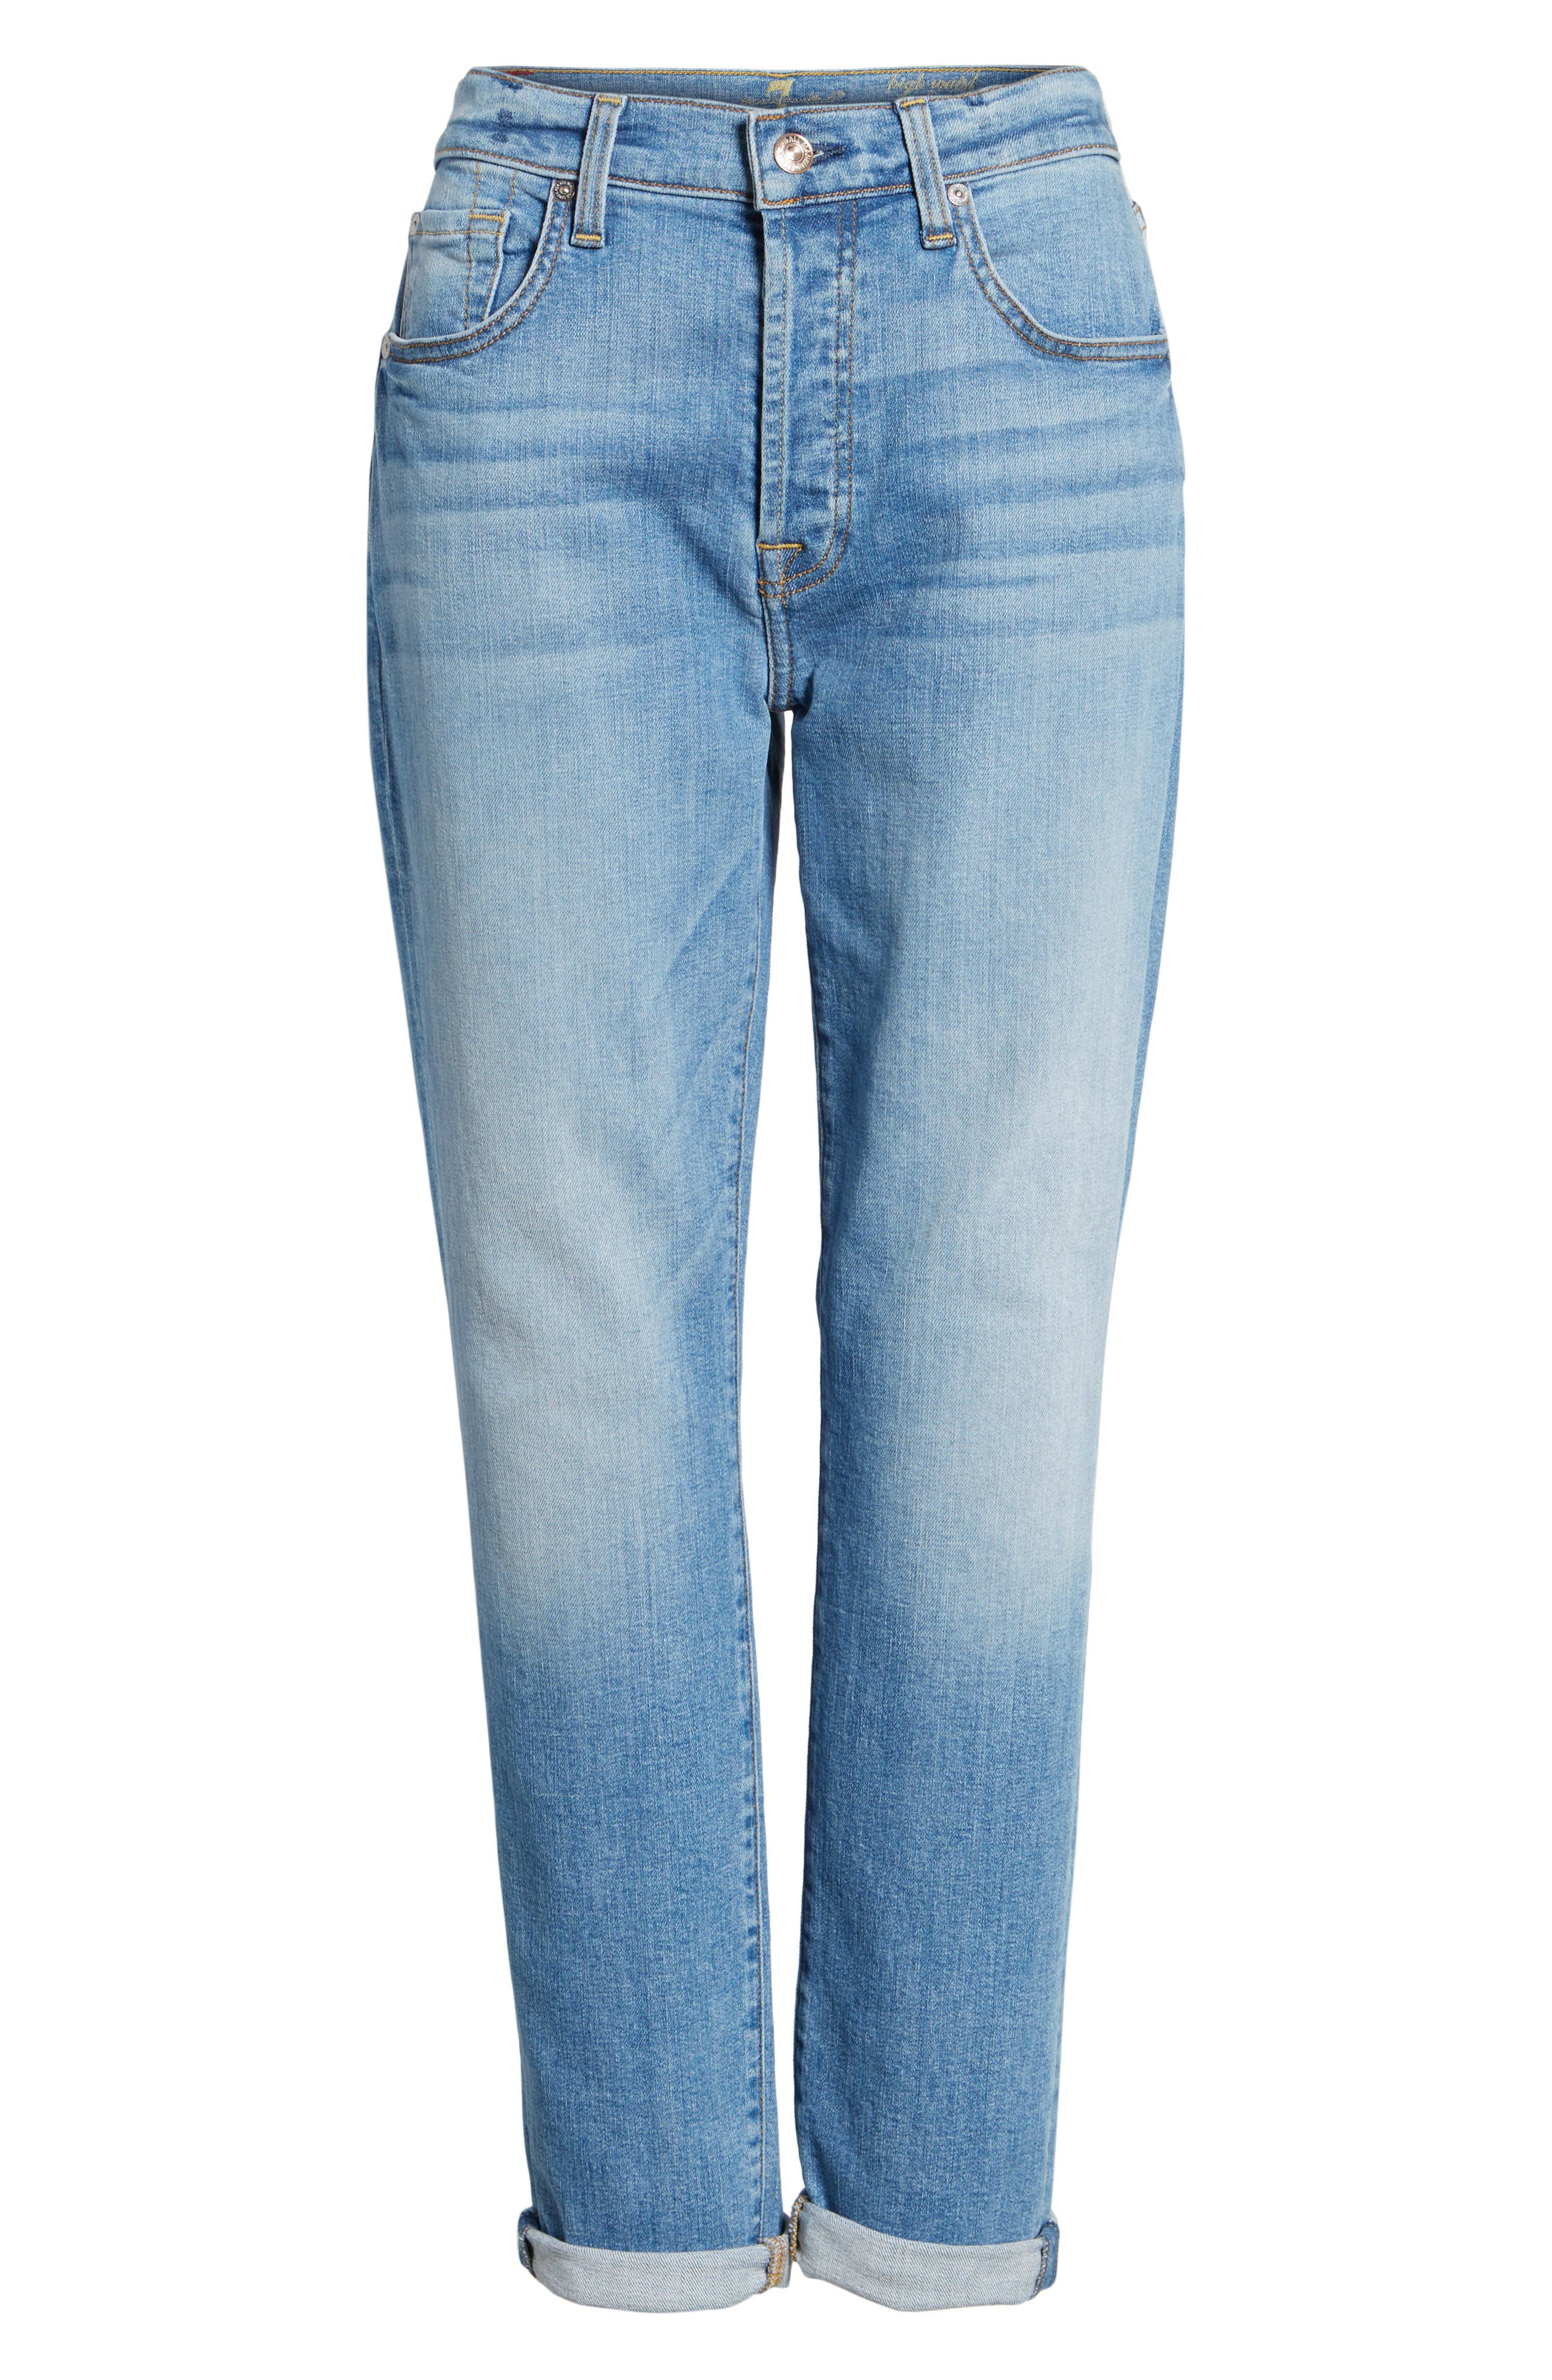 Josefina High Waist Crop Boyfriend Jeans,                             Alternate thumbnail 6, color,                             400